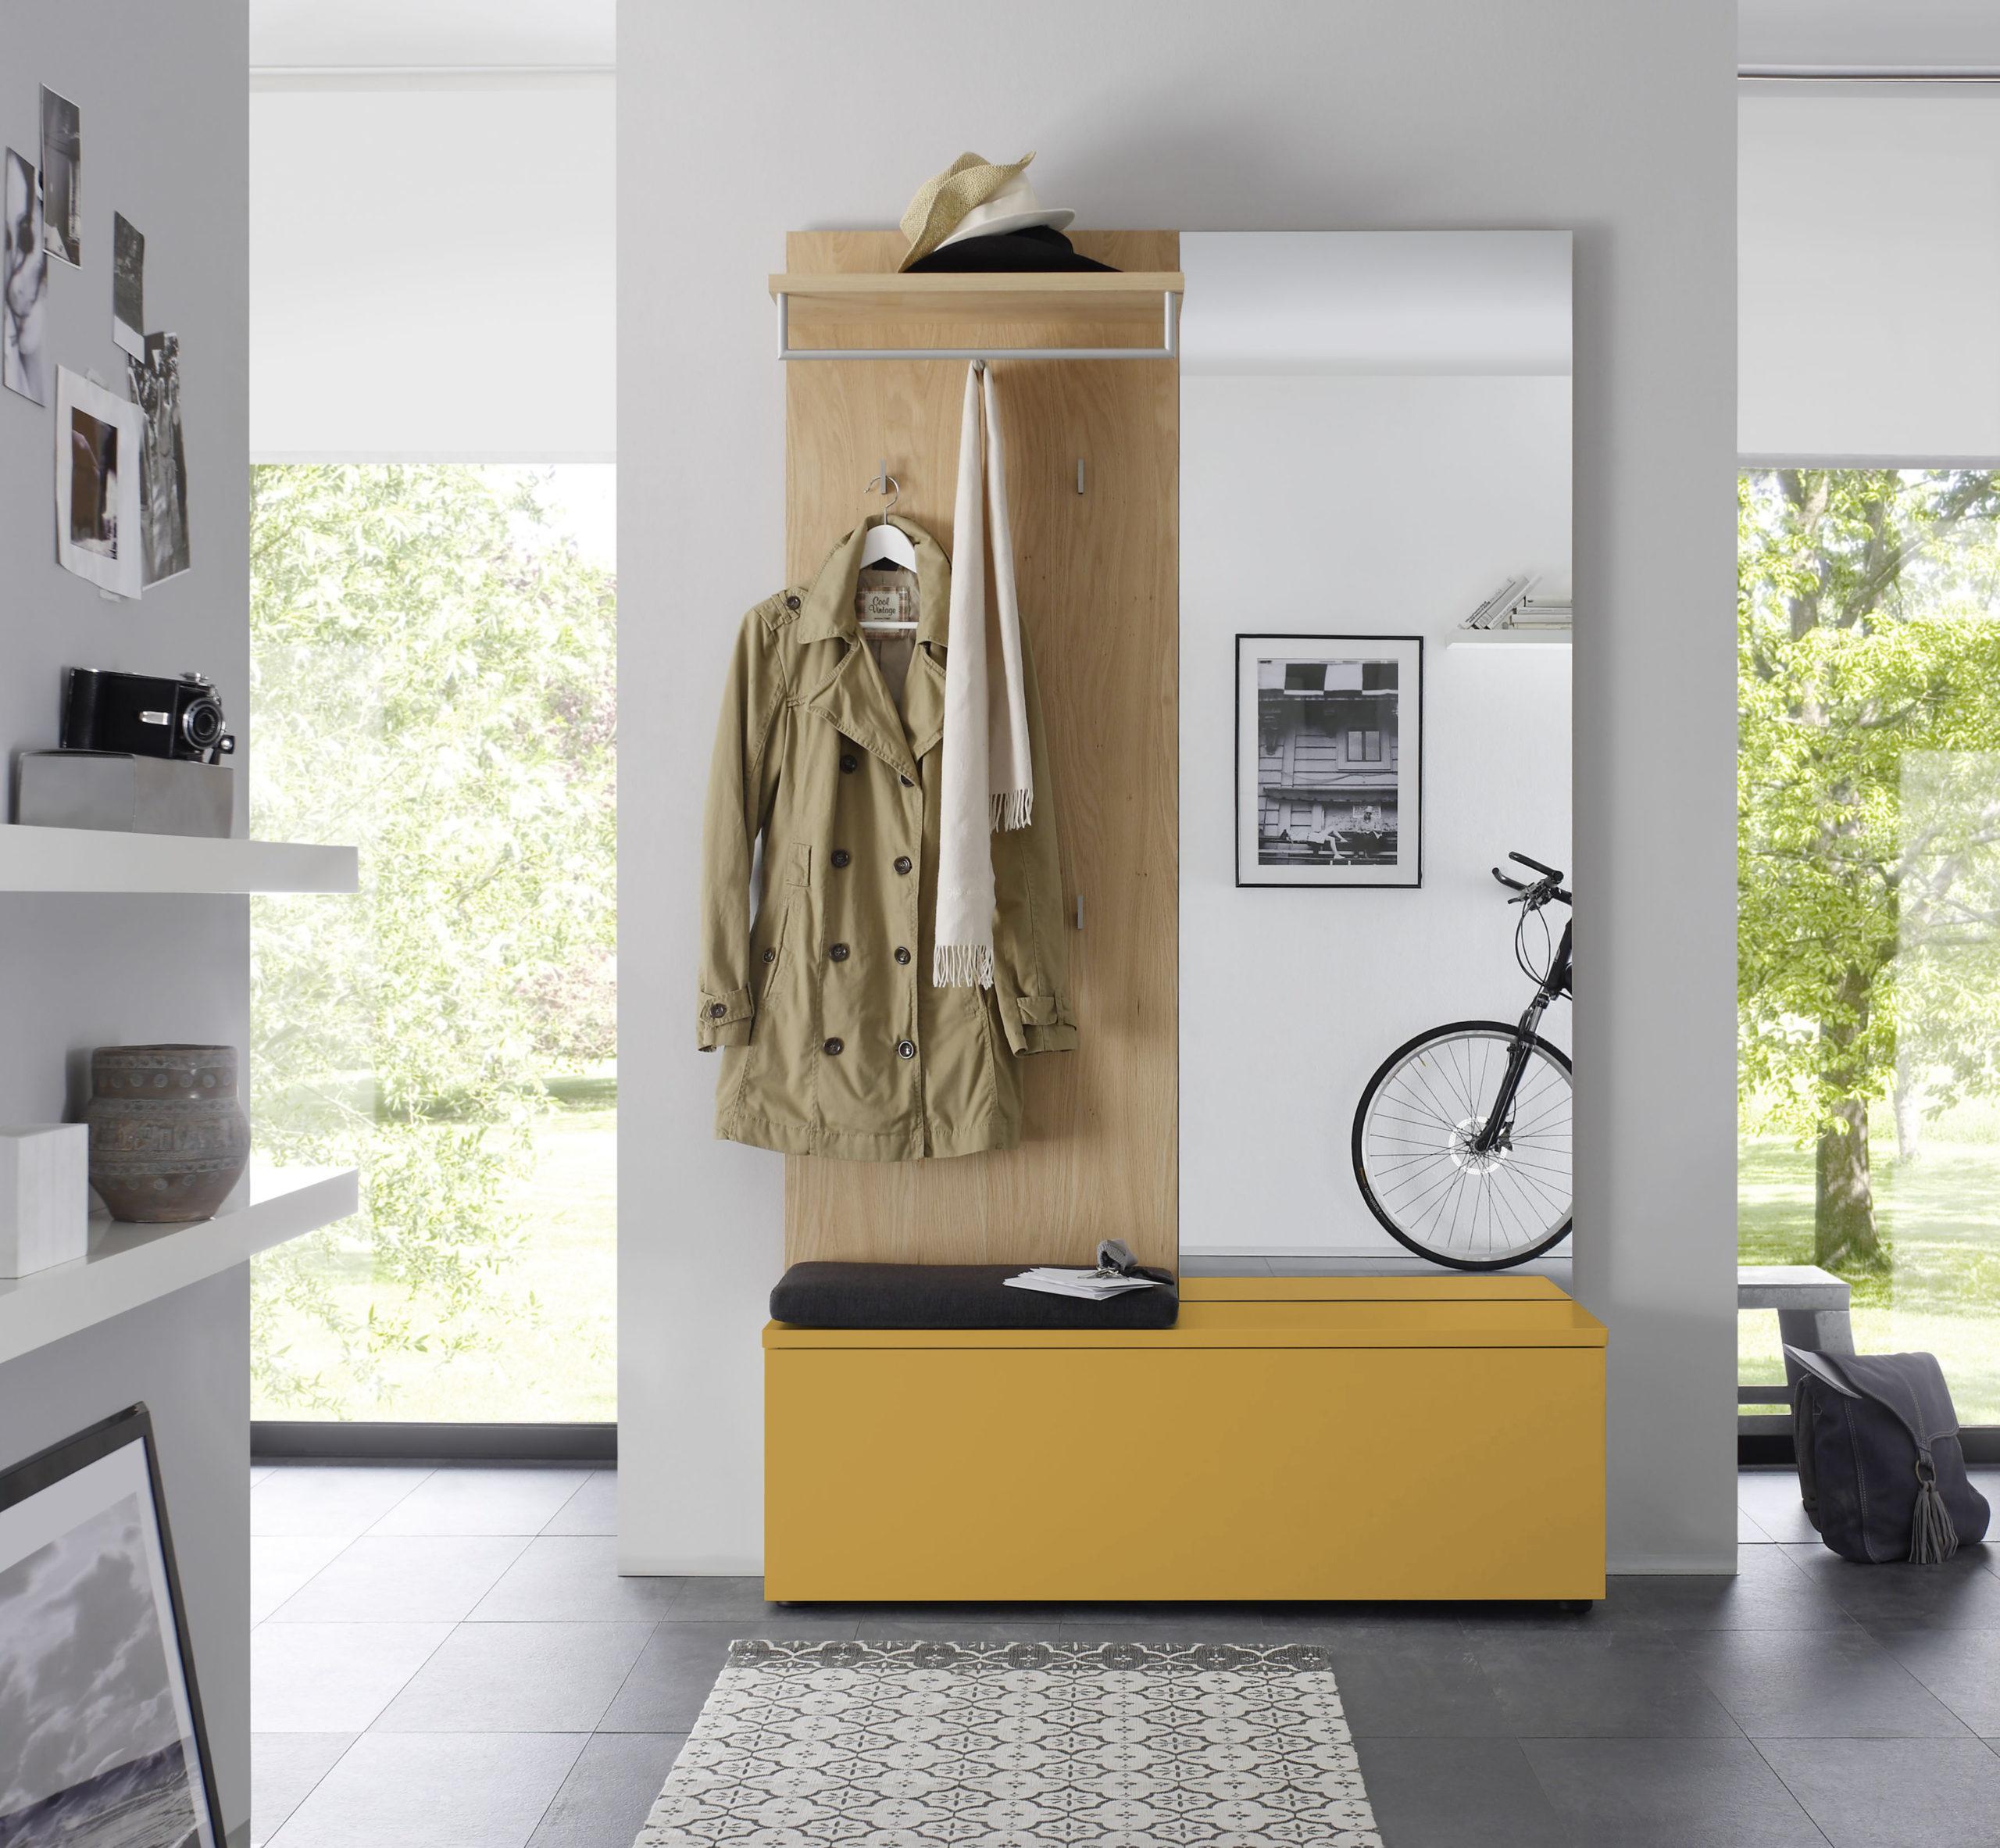 Sudbrock TANDO Garderobe in der Ausführung Ethno Eiche, Lack curry #490